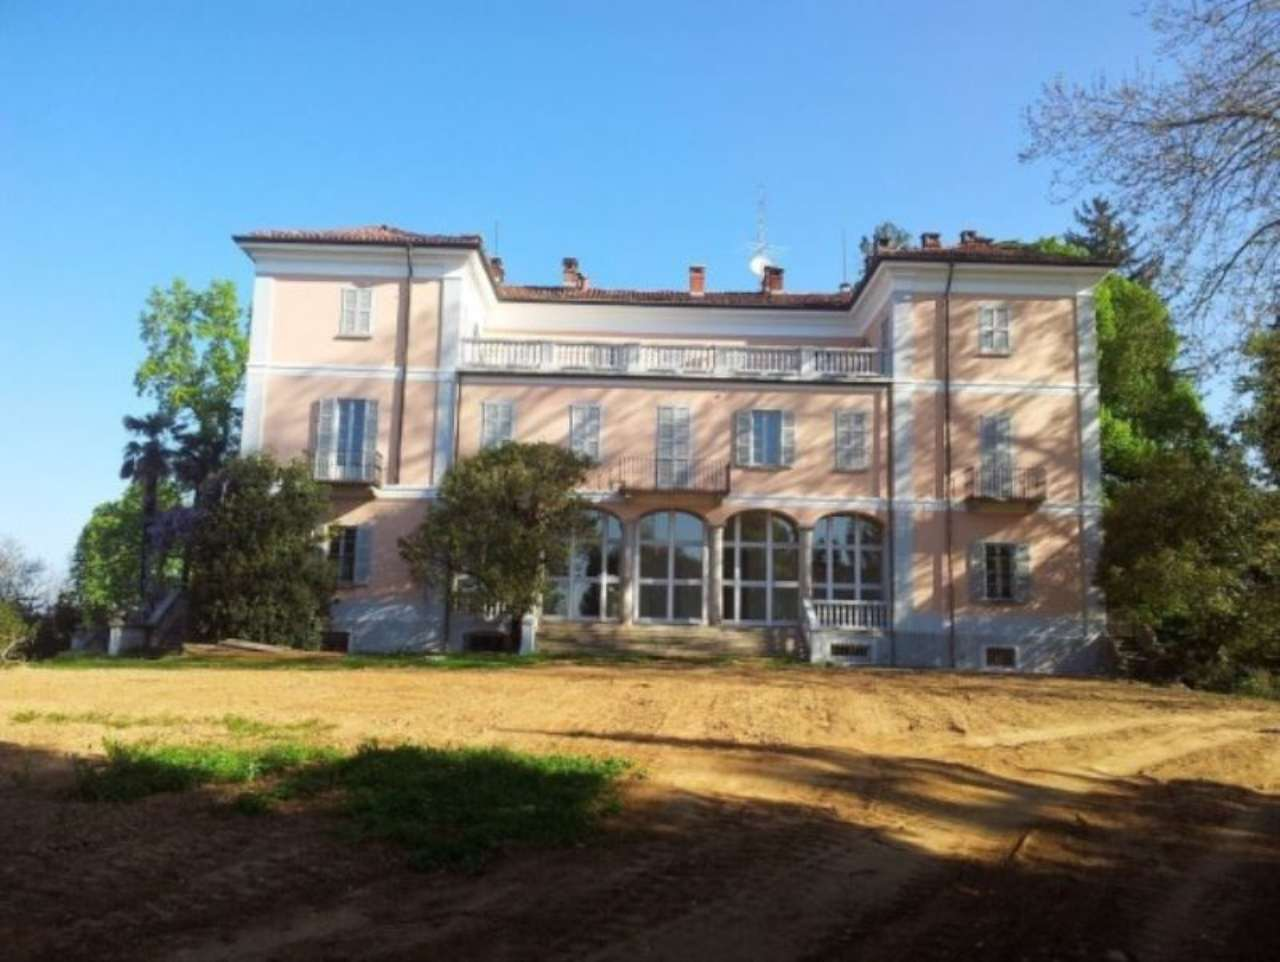 Palazzo / Stabile in vendita a Carnago, 6 locali, prezzo € 150.000 | Cambio Casa.it